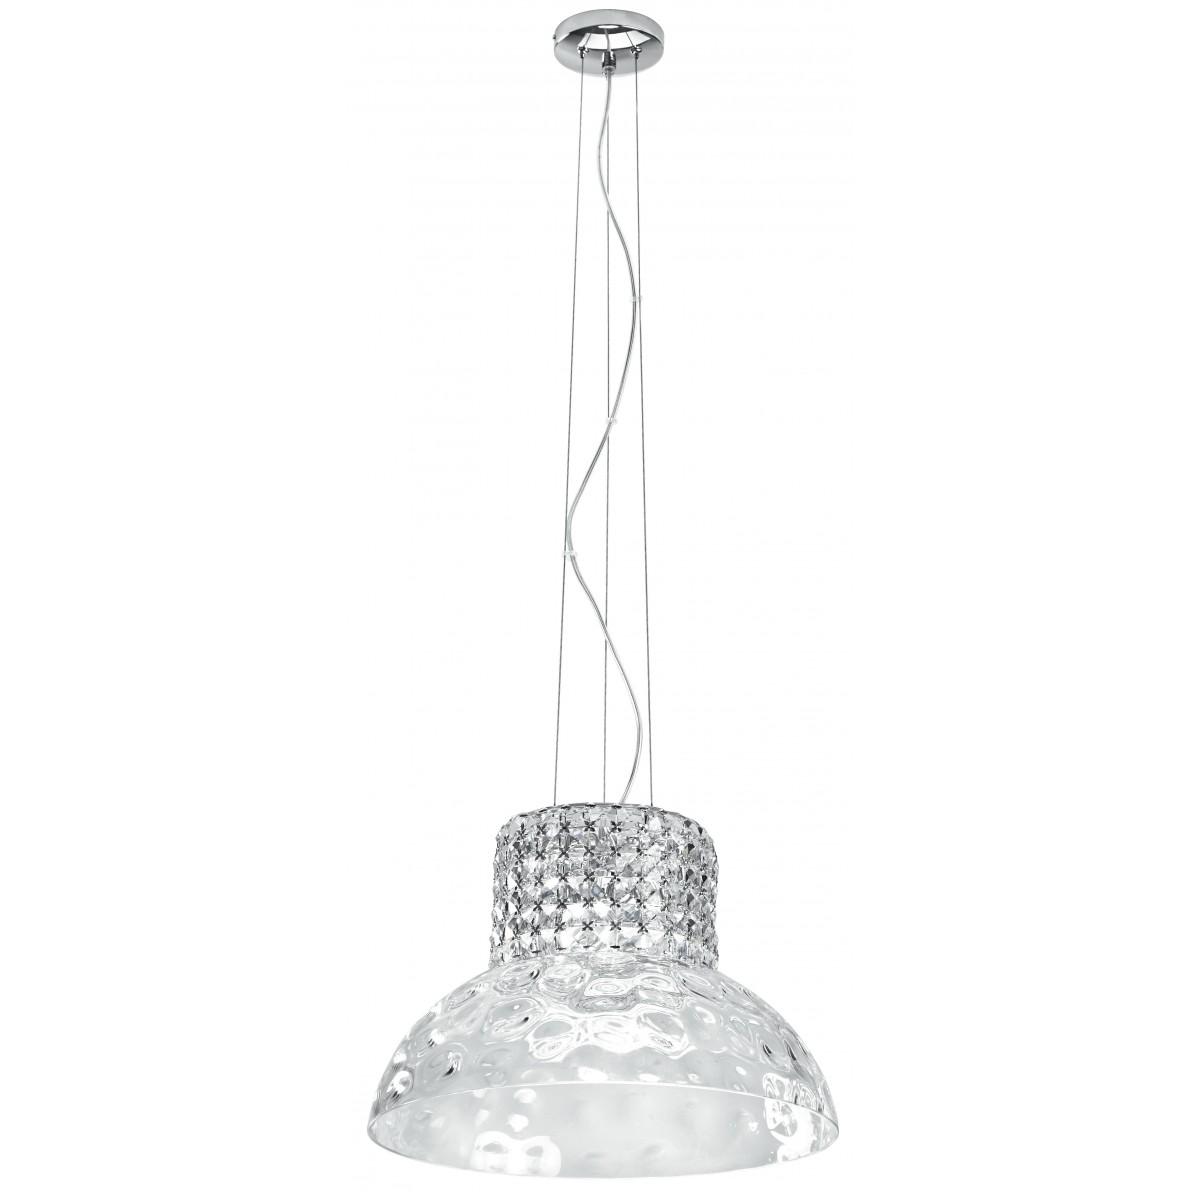 I-DANZA/S42 - Sospensione Elegante Vetro Decorato Cristalli K9 Lampadario Moderno G9